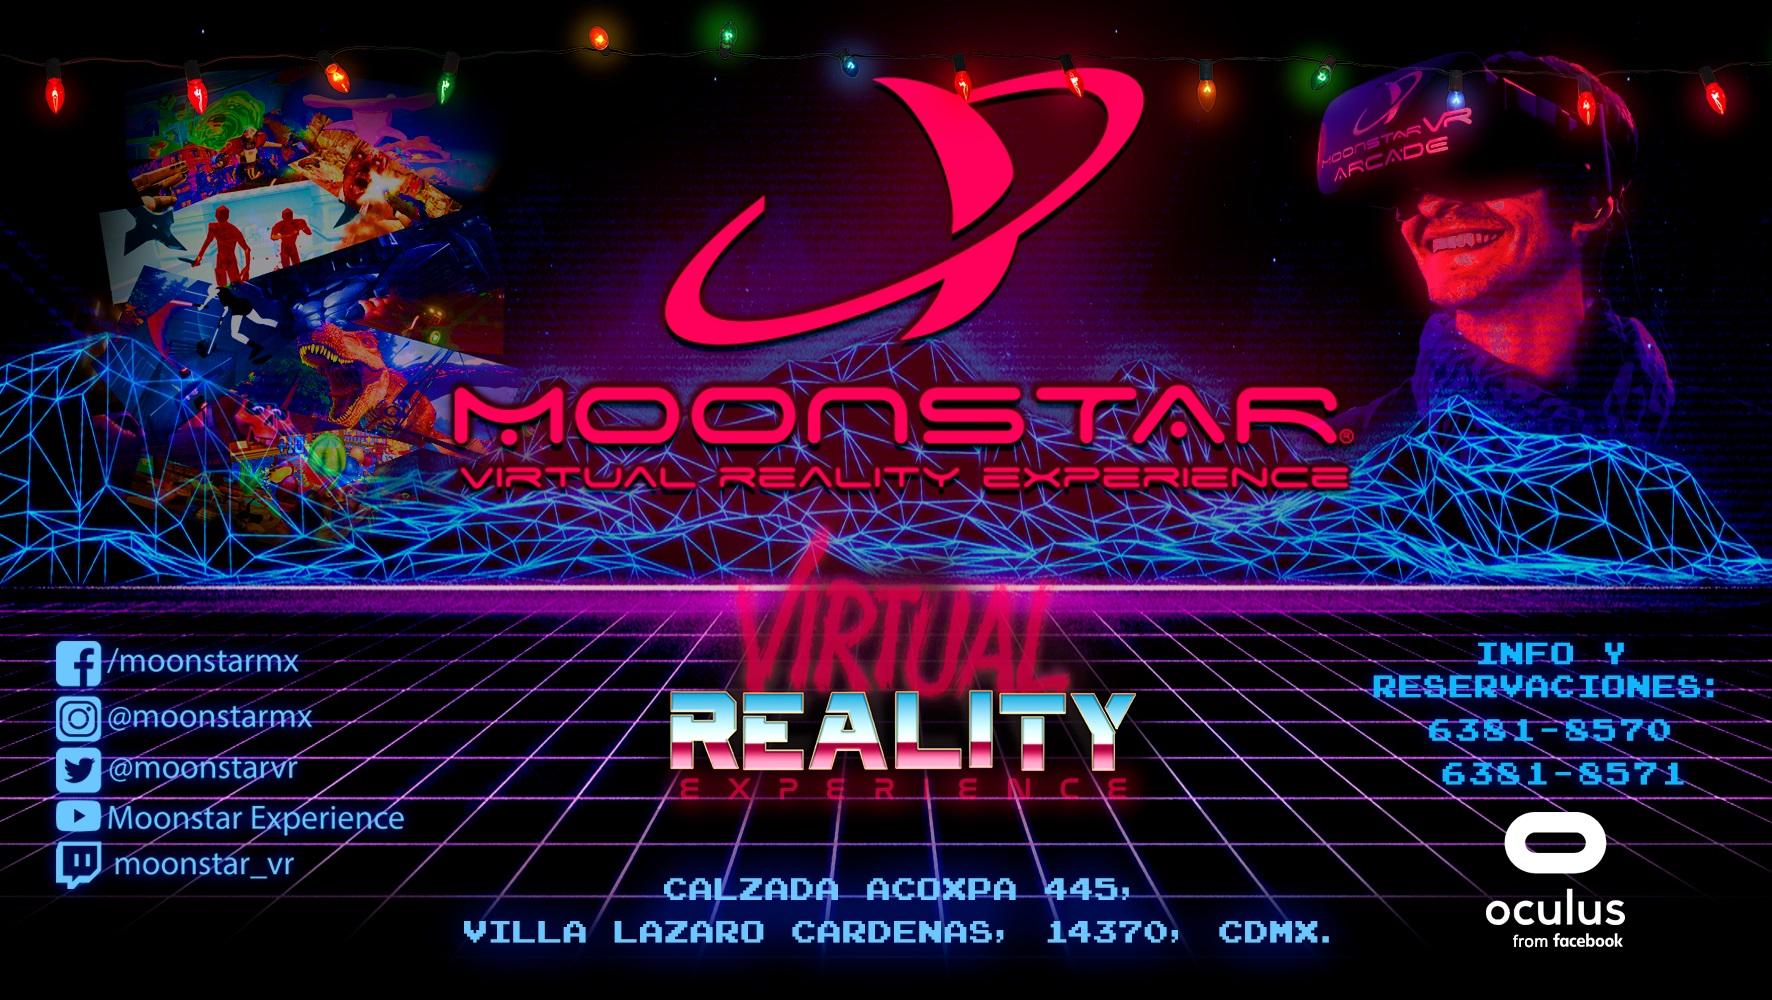 En estas fiestas decembrinas descubre el mundo de la realidad virtual con: MOONSTAR EXPERIENCE